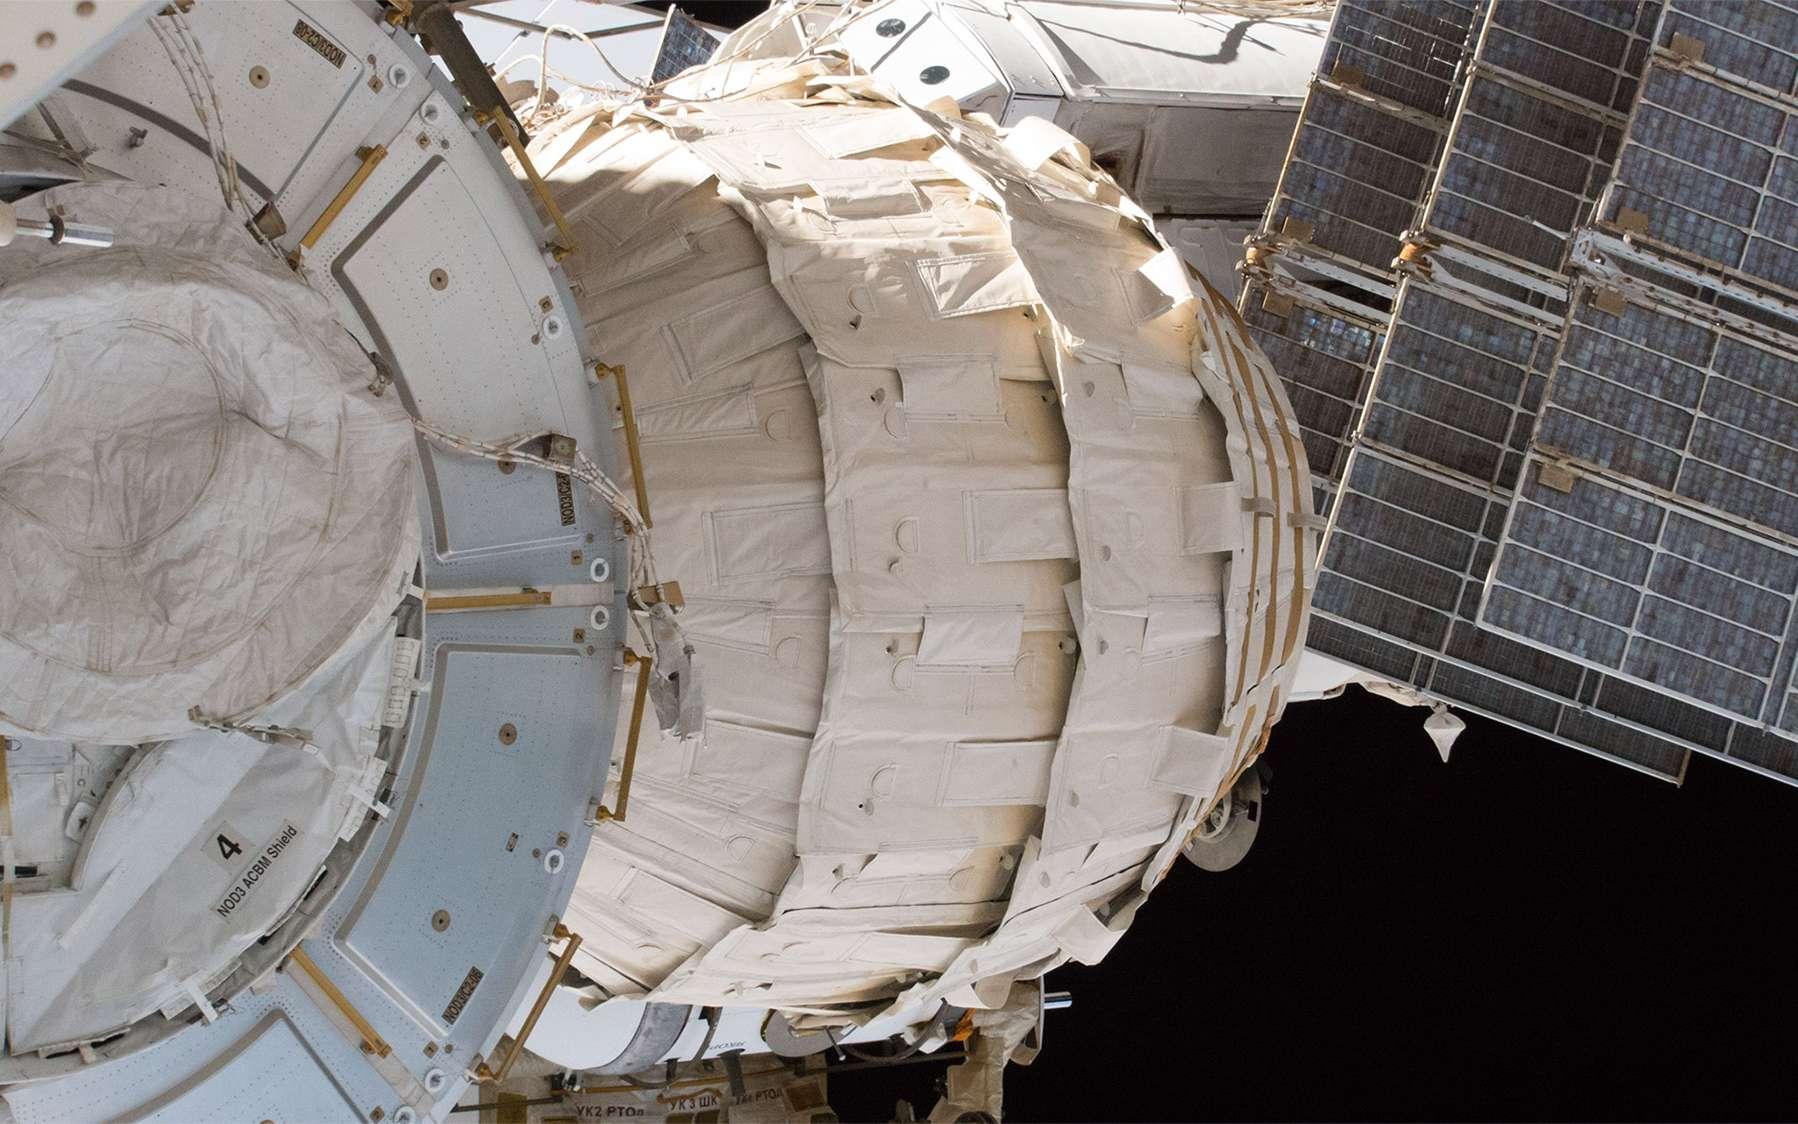 Le module gonflable Beam de Bigelow Aerospace vu depuis l'extérieure de la Station spatiale. © Nasa